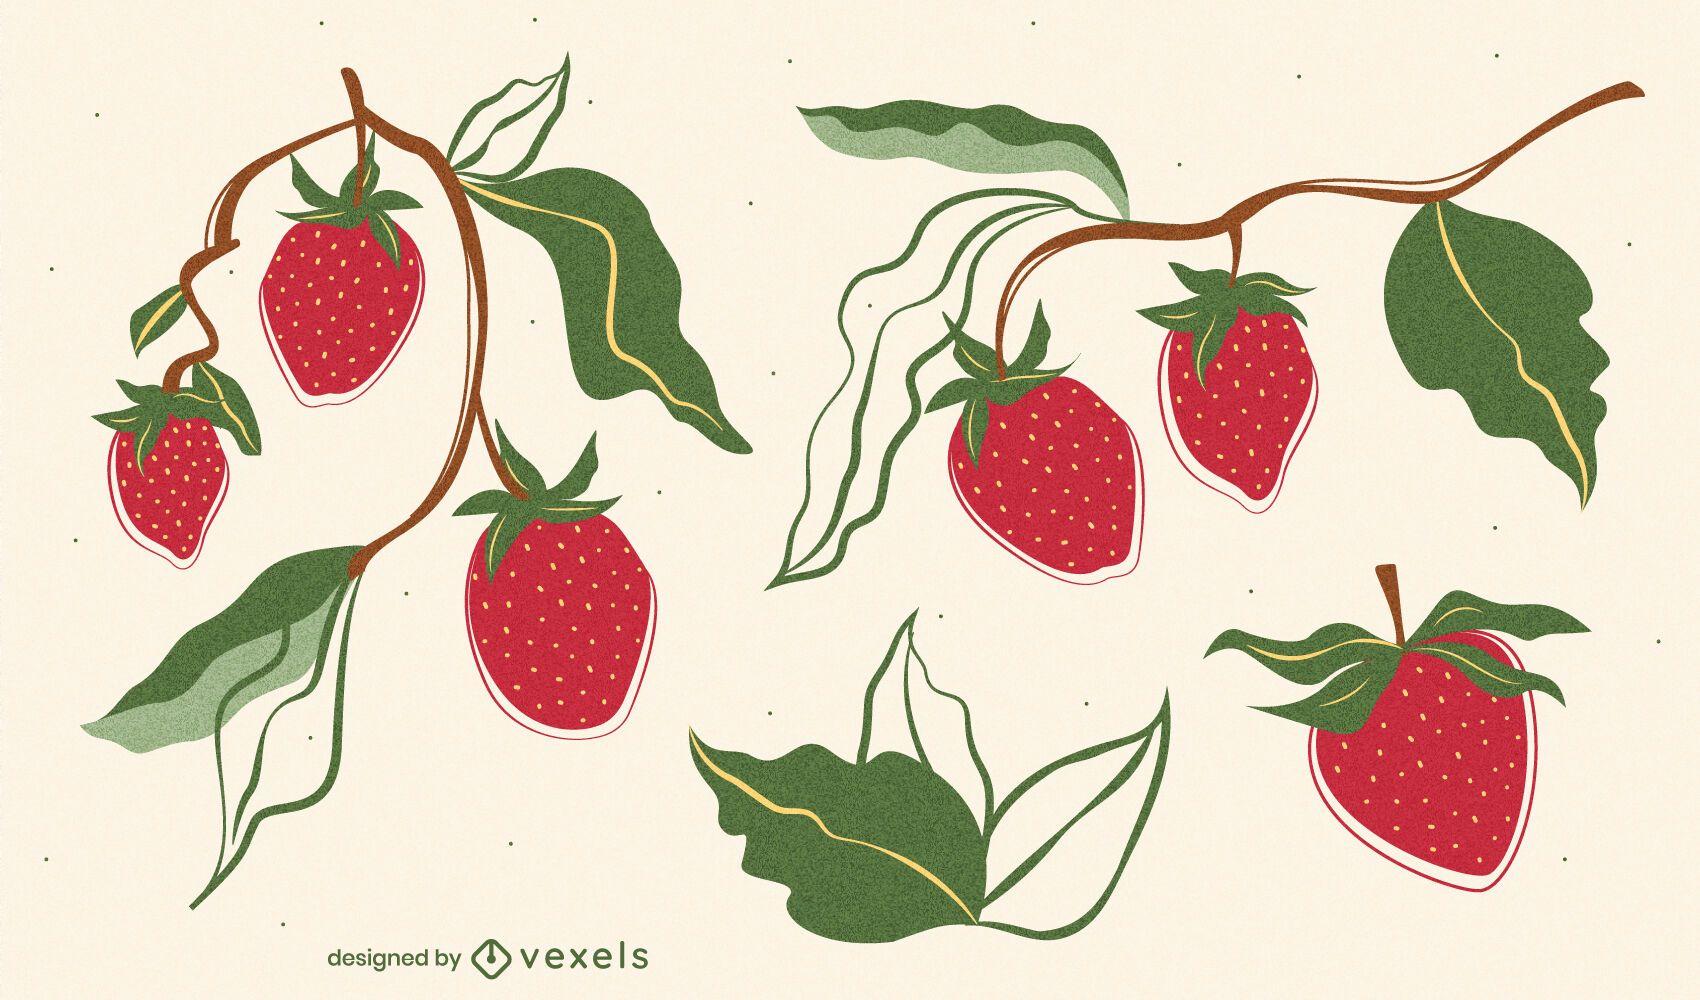 Paquete de estilo plano de dibujo de fresa